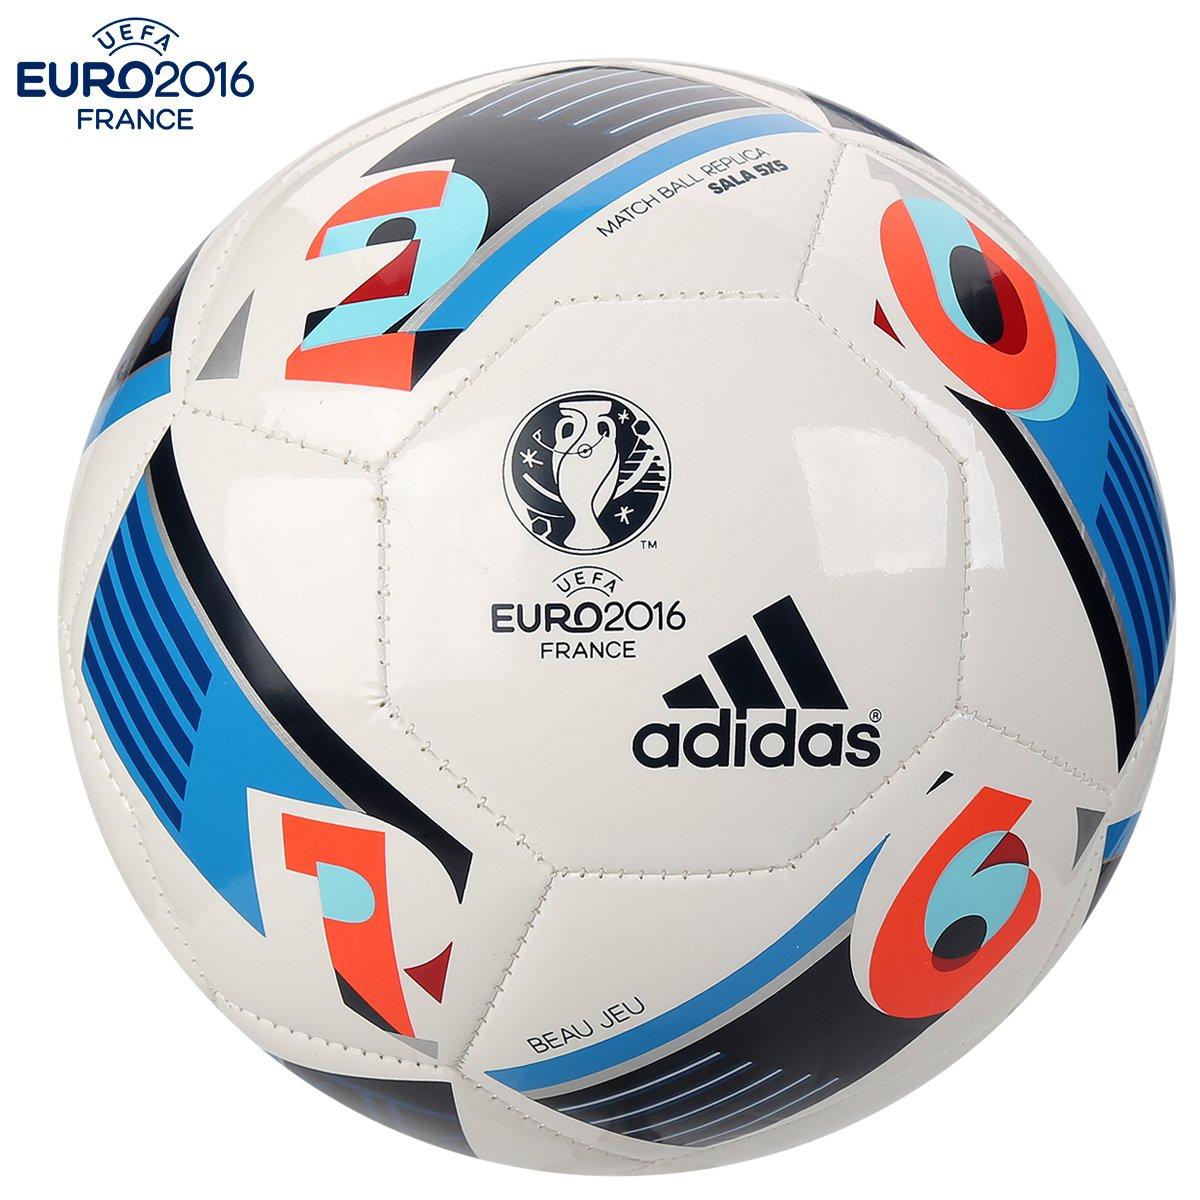 89c68a2c464 Bola Futebol Adidas Euro 2016 Sala 5X5 Futsal | Netshoes